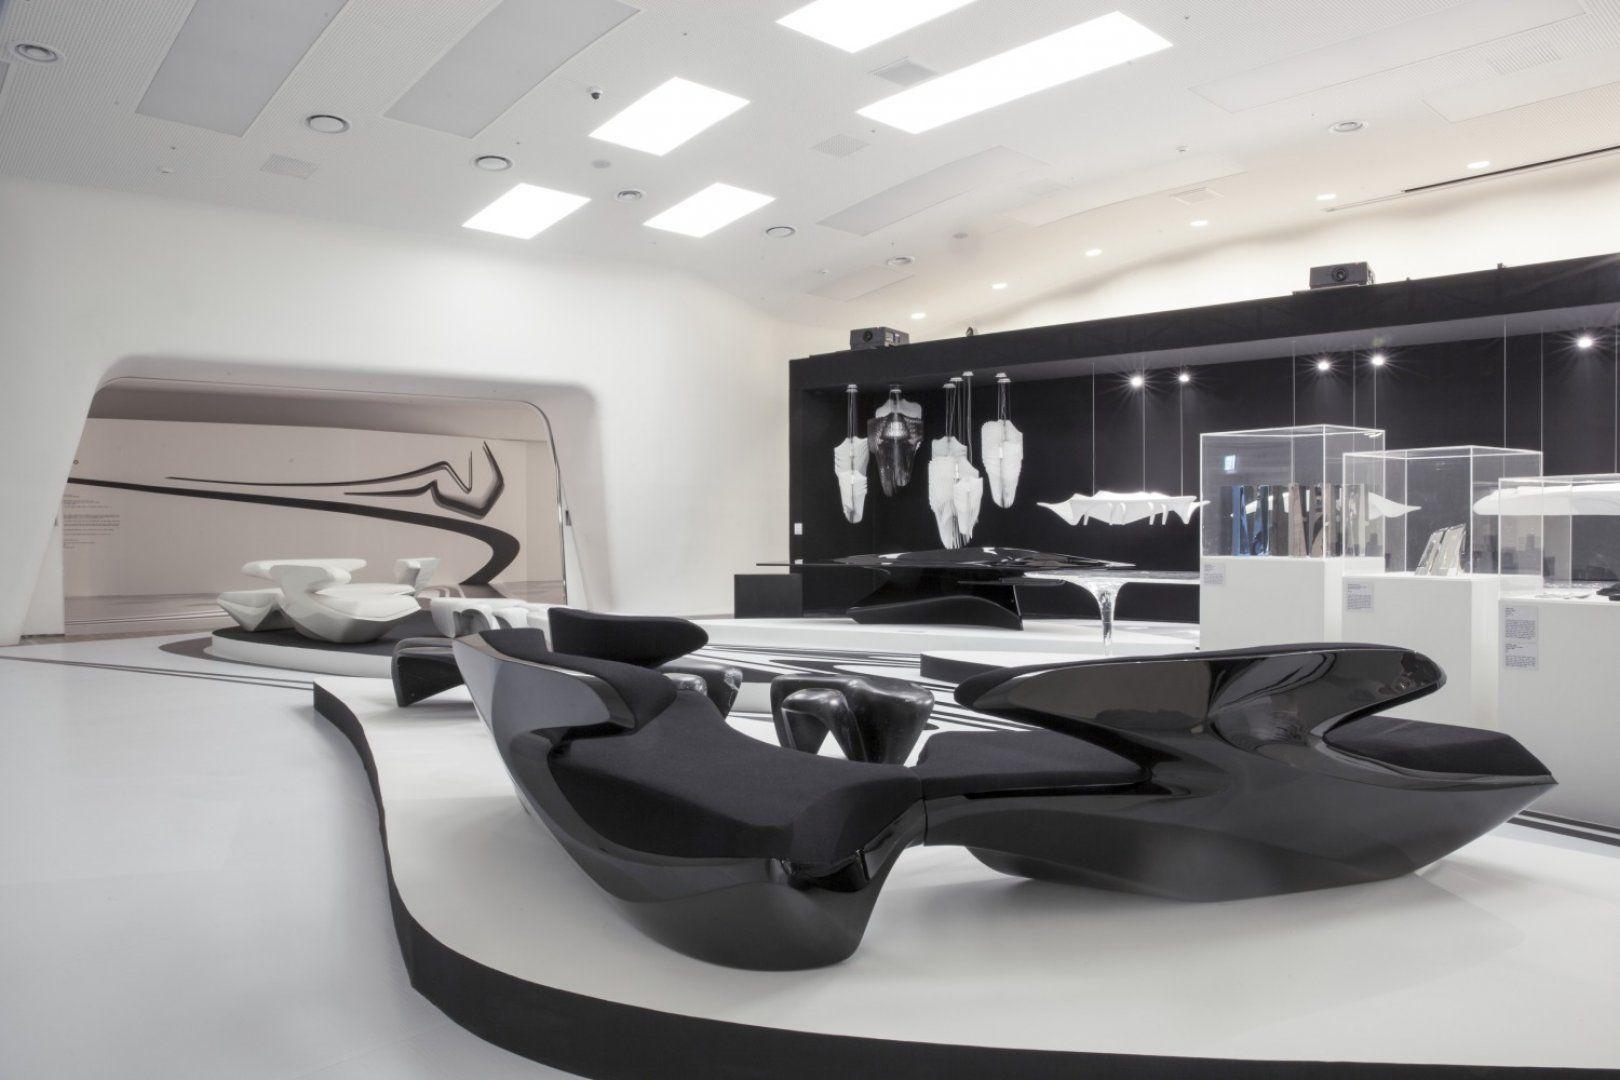 Zaha hadid 360 exhibition design zaha hadid architects arte futurista interiores y arte Diseno interior futurista